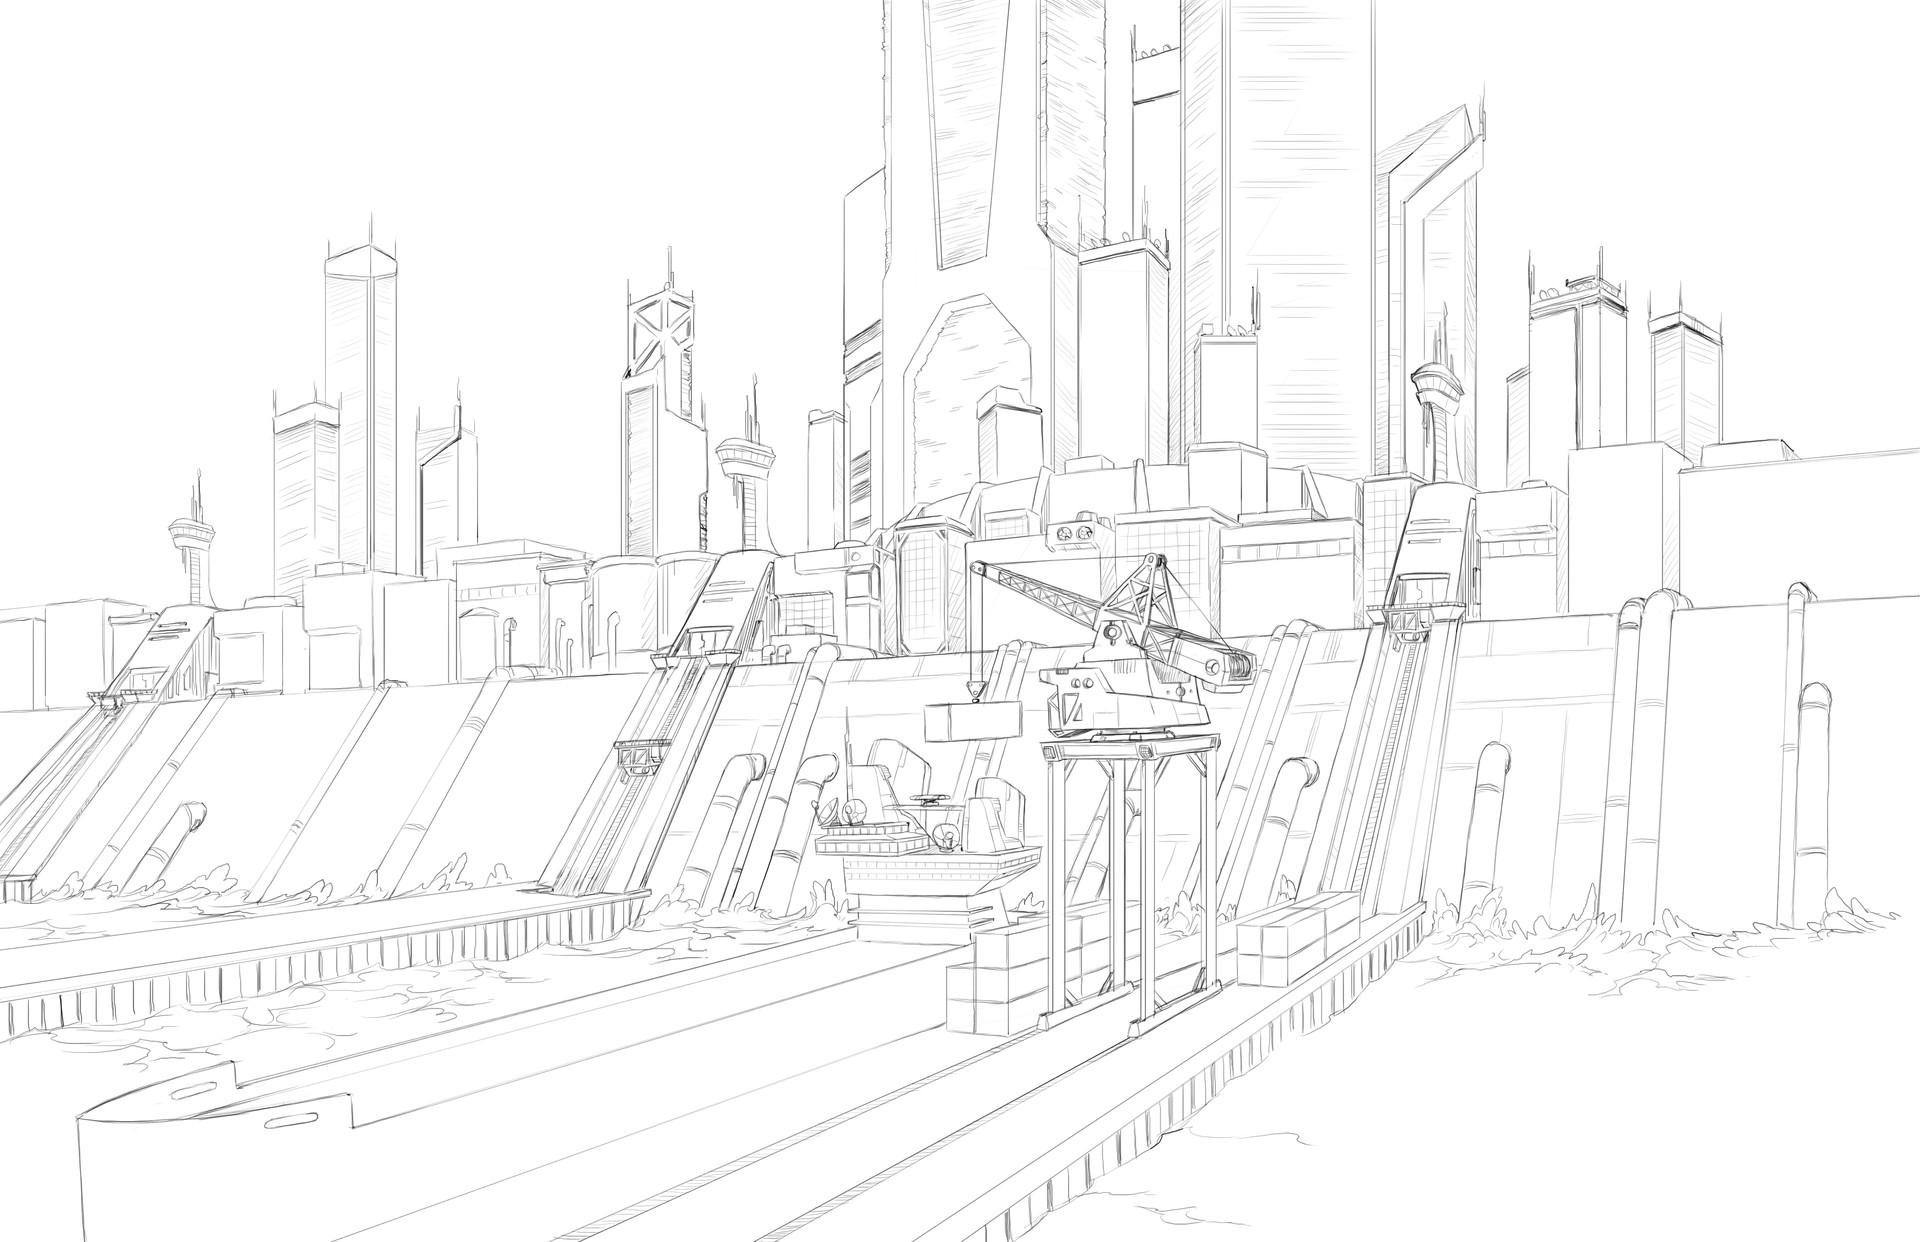 Max haig city 2